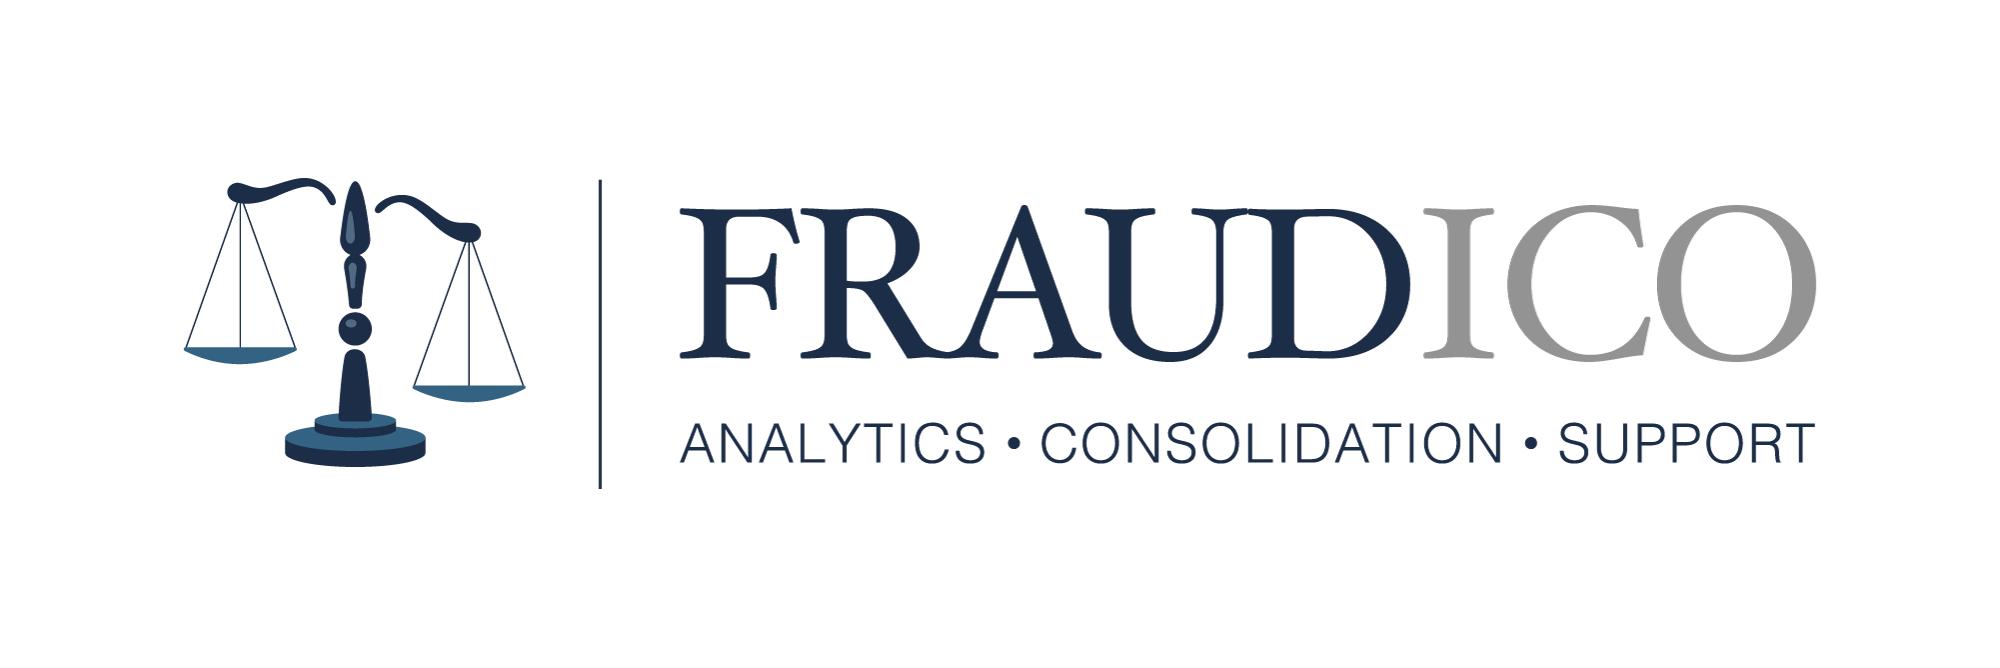 FraudICO